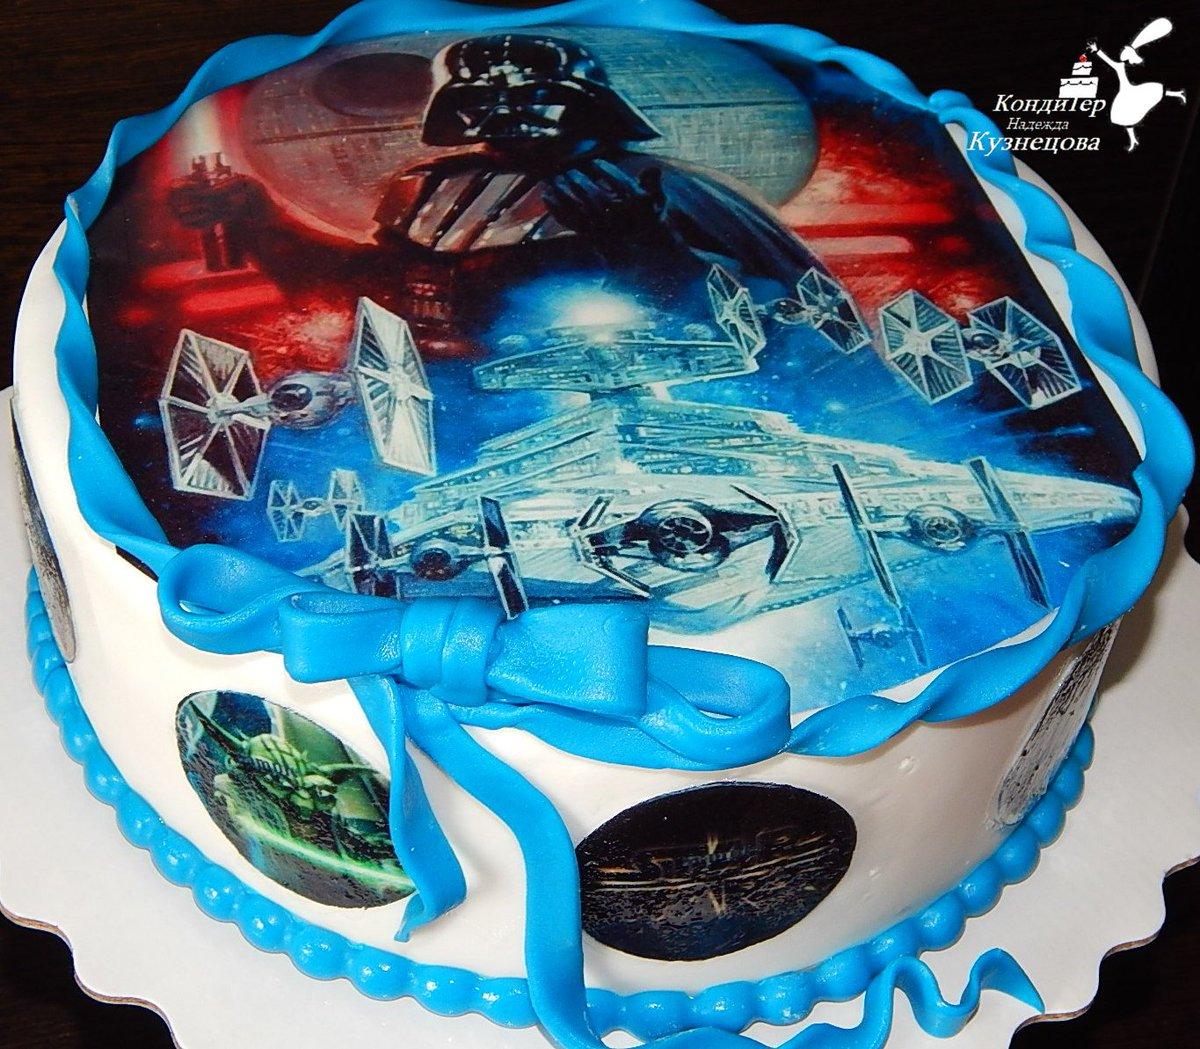 смешно картинки на торт для мужчины вафельные на день рождения обладателем собственных